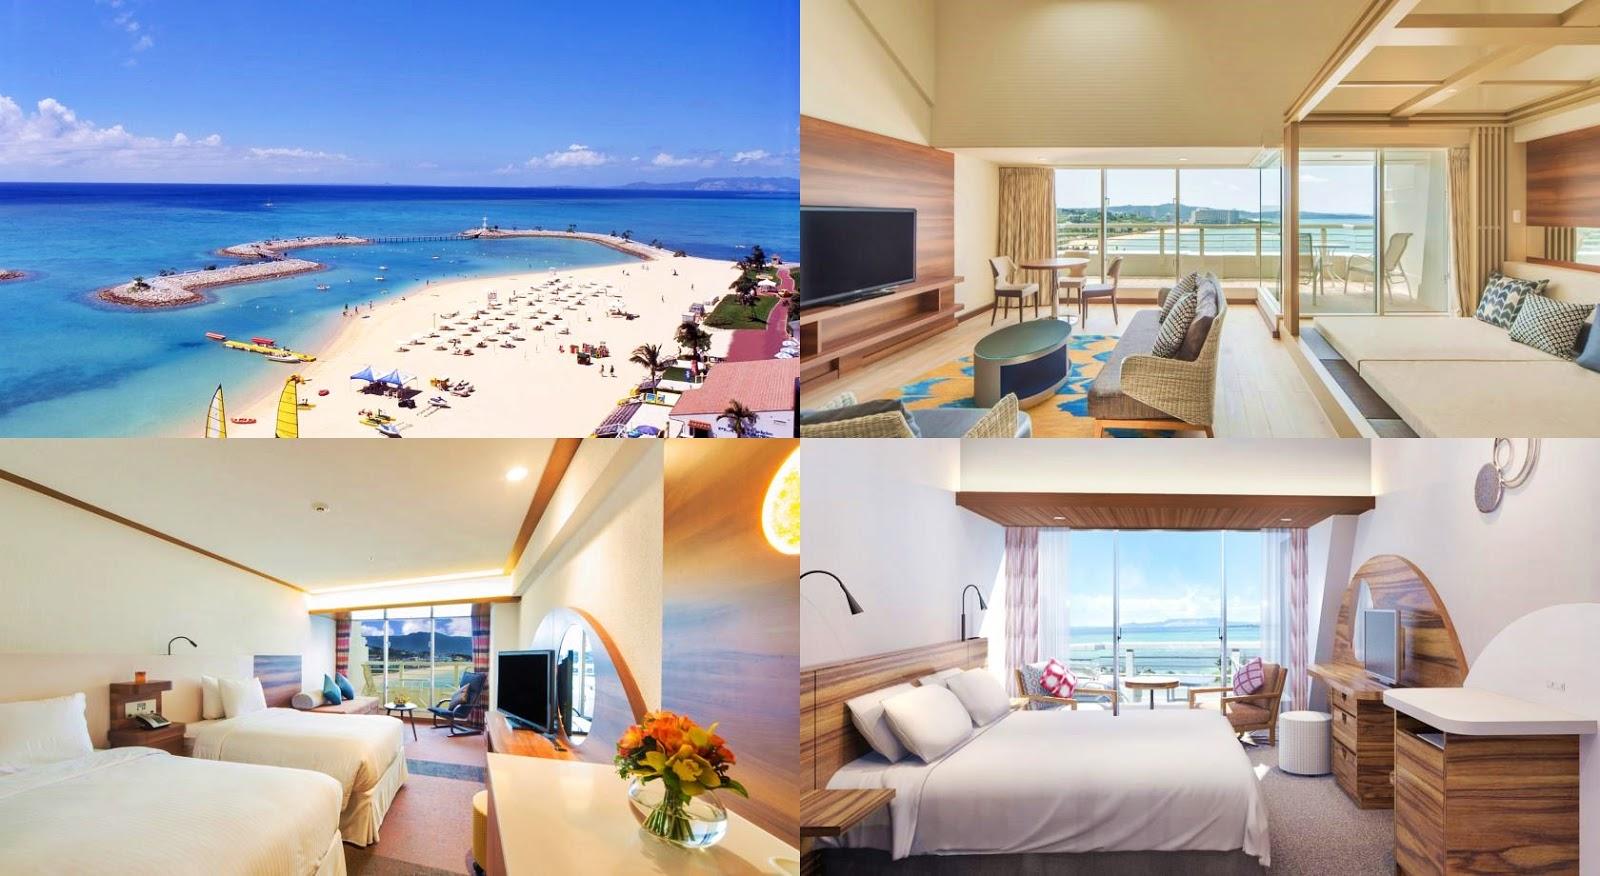 沖繩-住宿-推薦-飯店-旅館-民宿-公寓-沖繩喜來登度假酒店-Sheraton-Okinawa-Sunmarina-Resort-Okinawa-hotel-recommendation